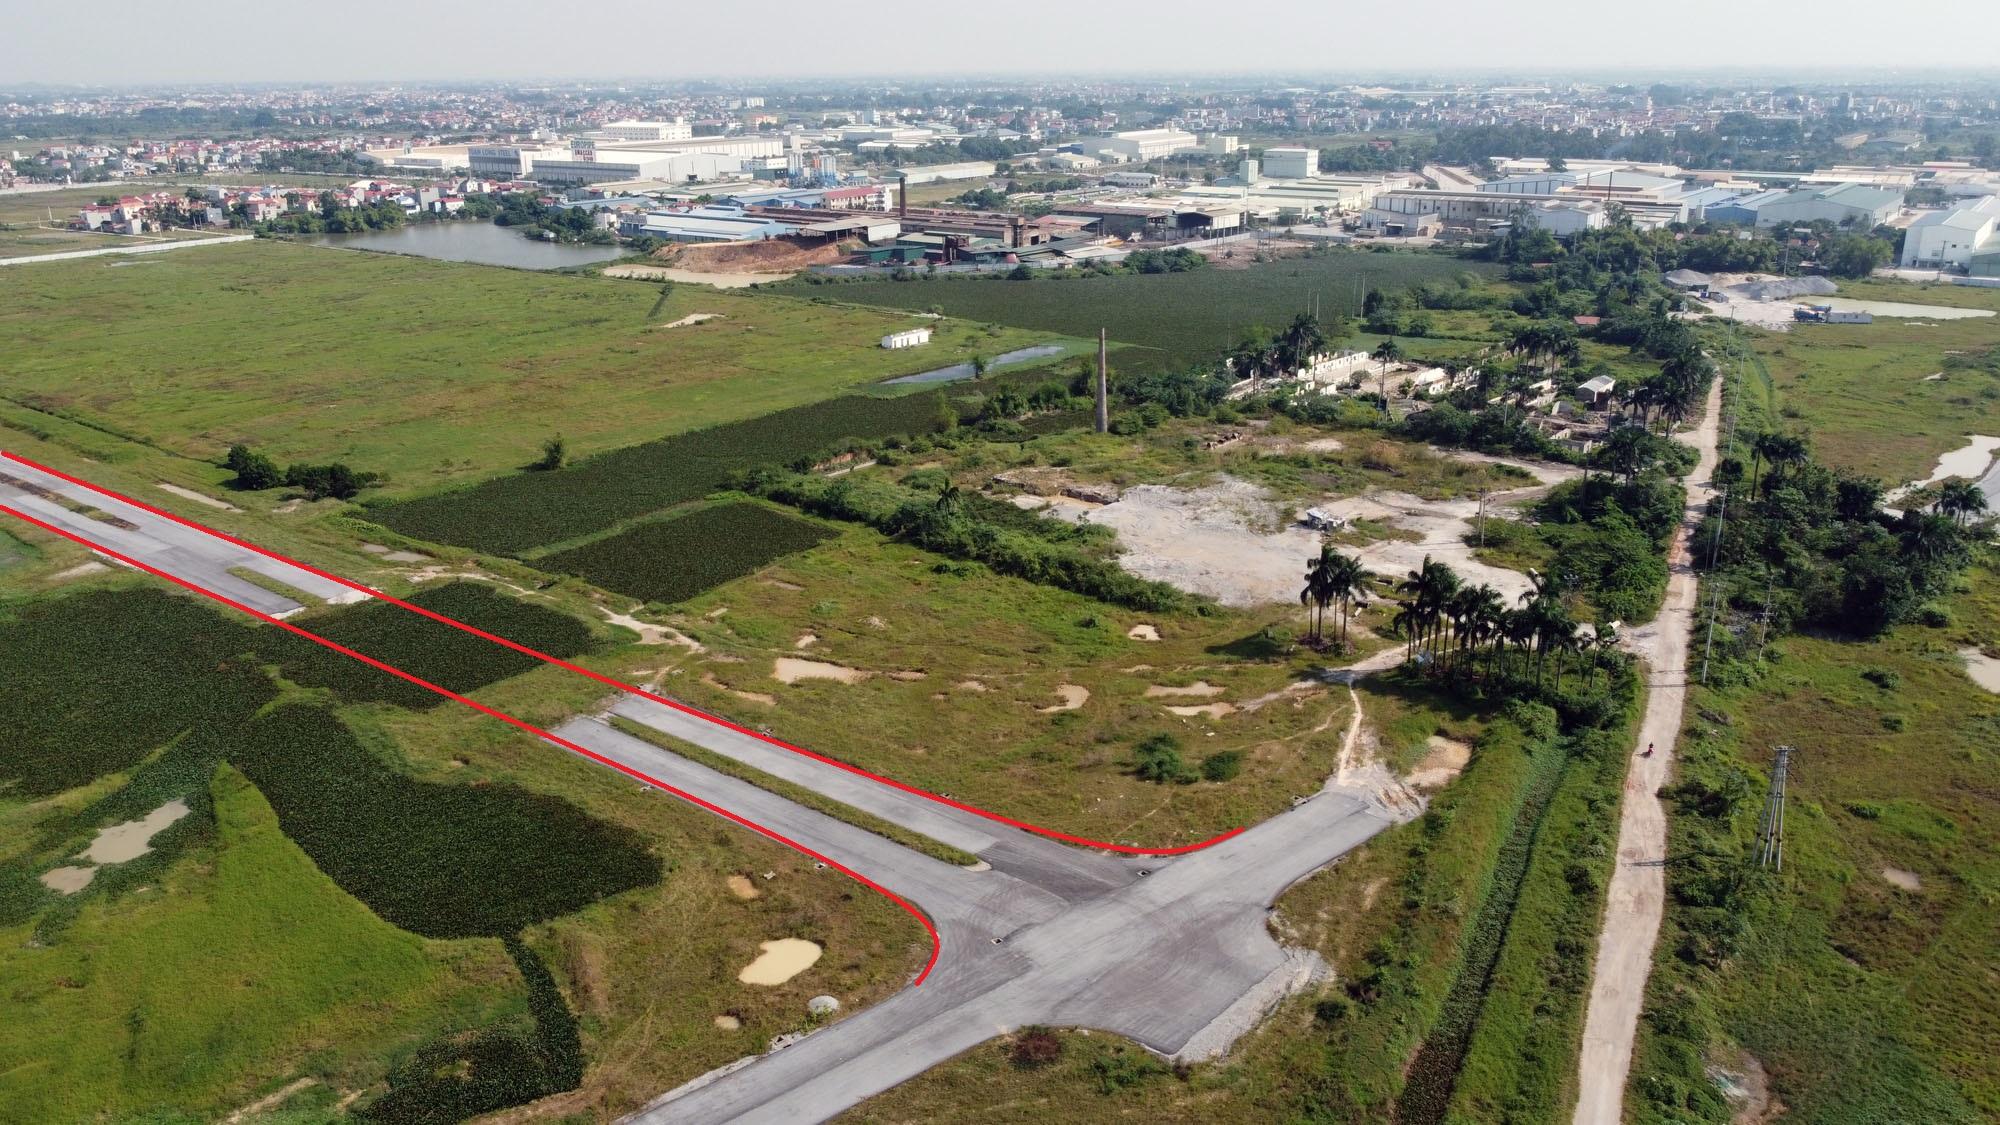 5 đường sẽ mở theo qui hoạch ở xã Nguyên Khê, Đông Anh, Hà Nội - Ảnh 12.